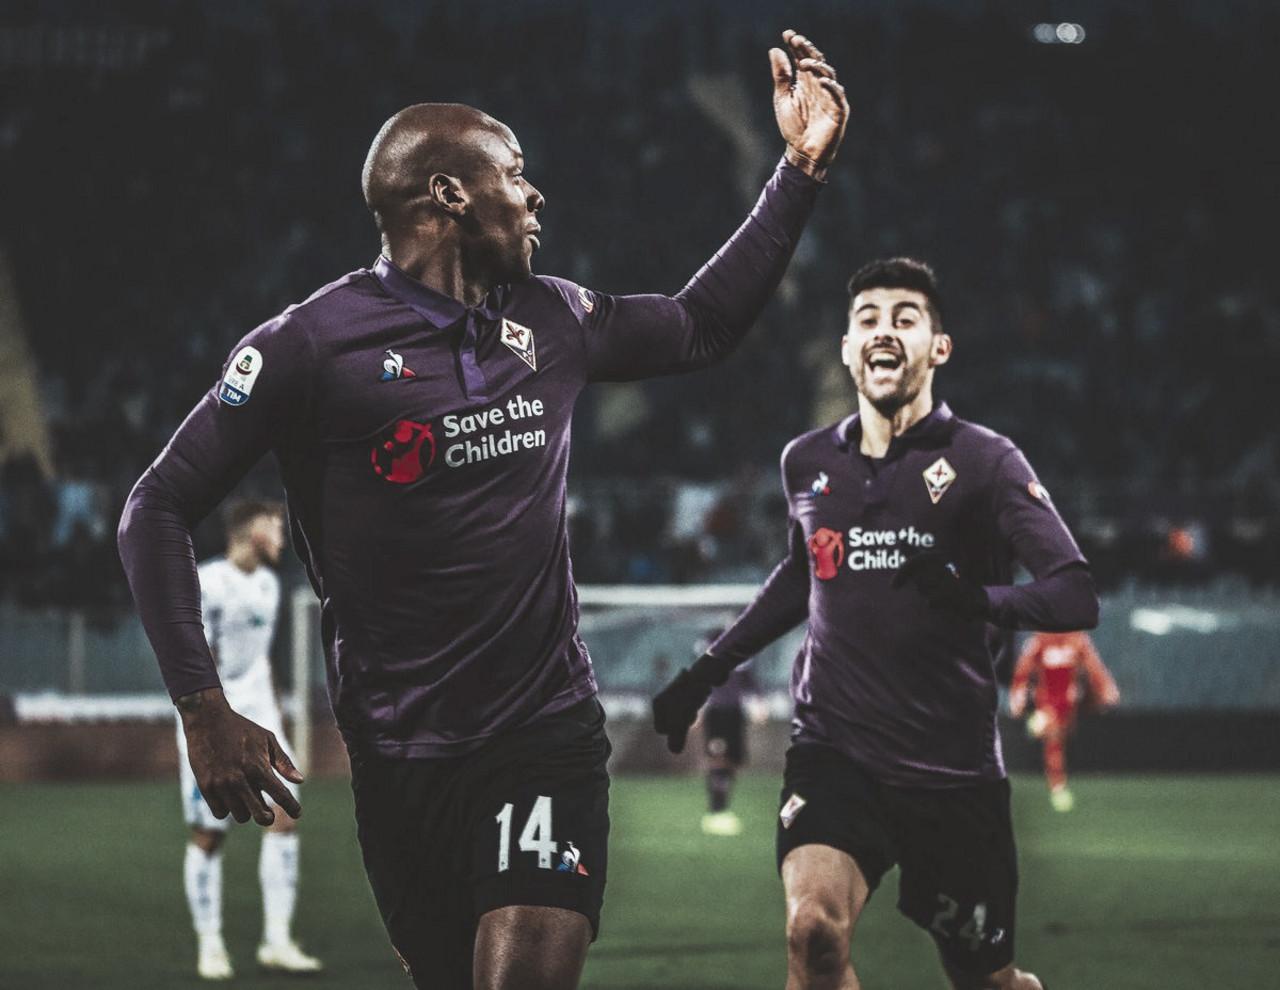 Sai zica: Fiorentina vira dérbi contra Empoli e quebra jejum de oito jogos sem vitória